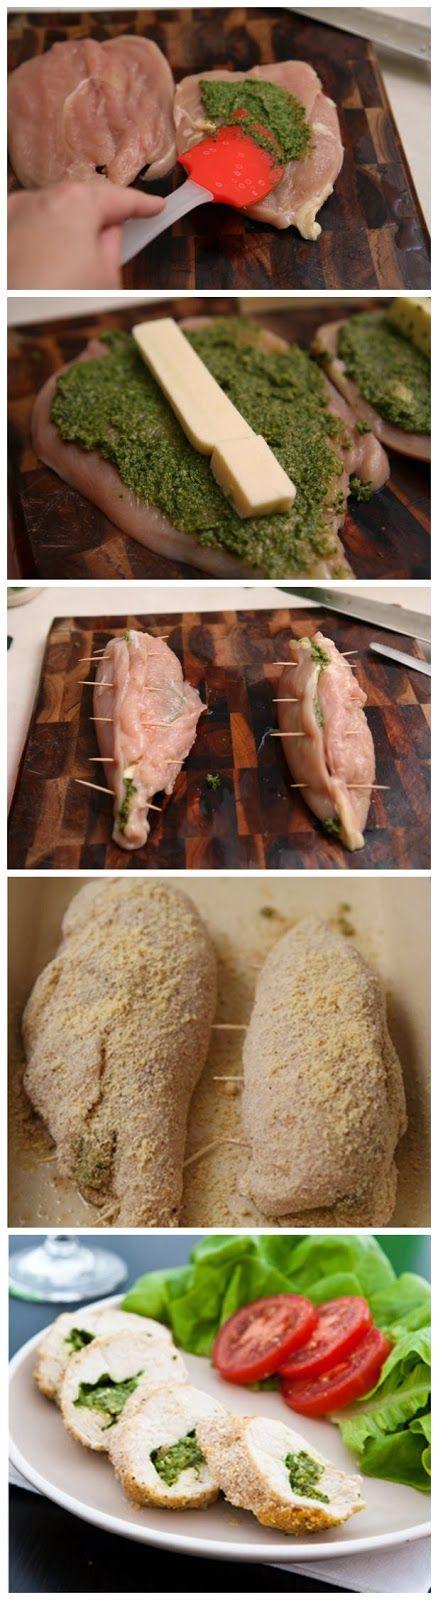 Ideal para el almuerzo. Pechuga de pollo, al pesto con mozazarella.  Puedes hacer al horno y colocarle tus ingredientes preferidos.